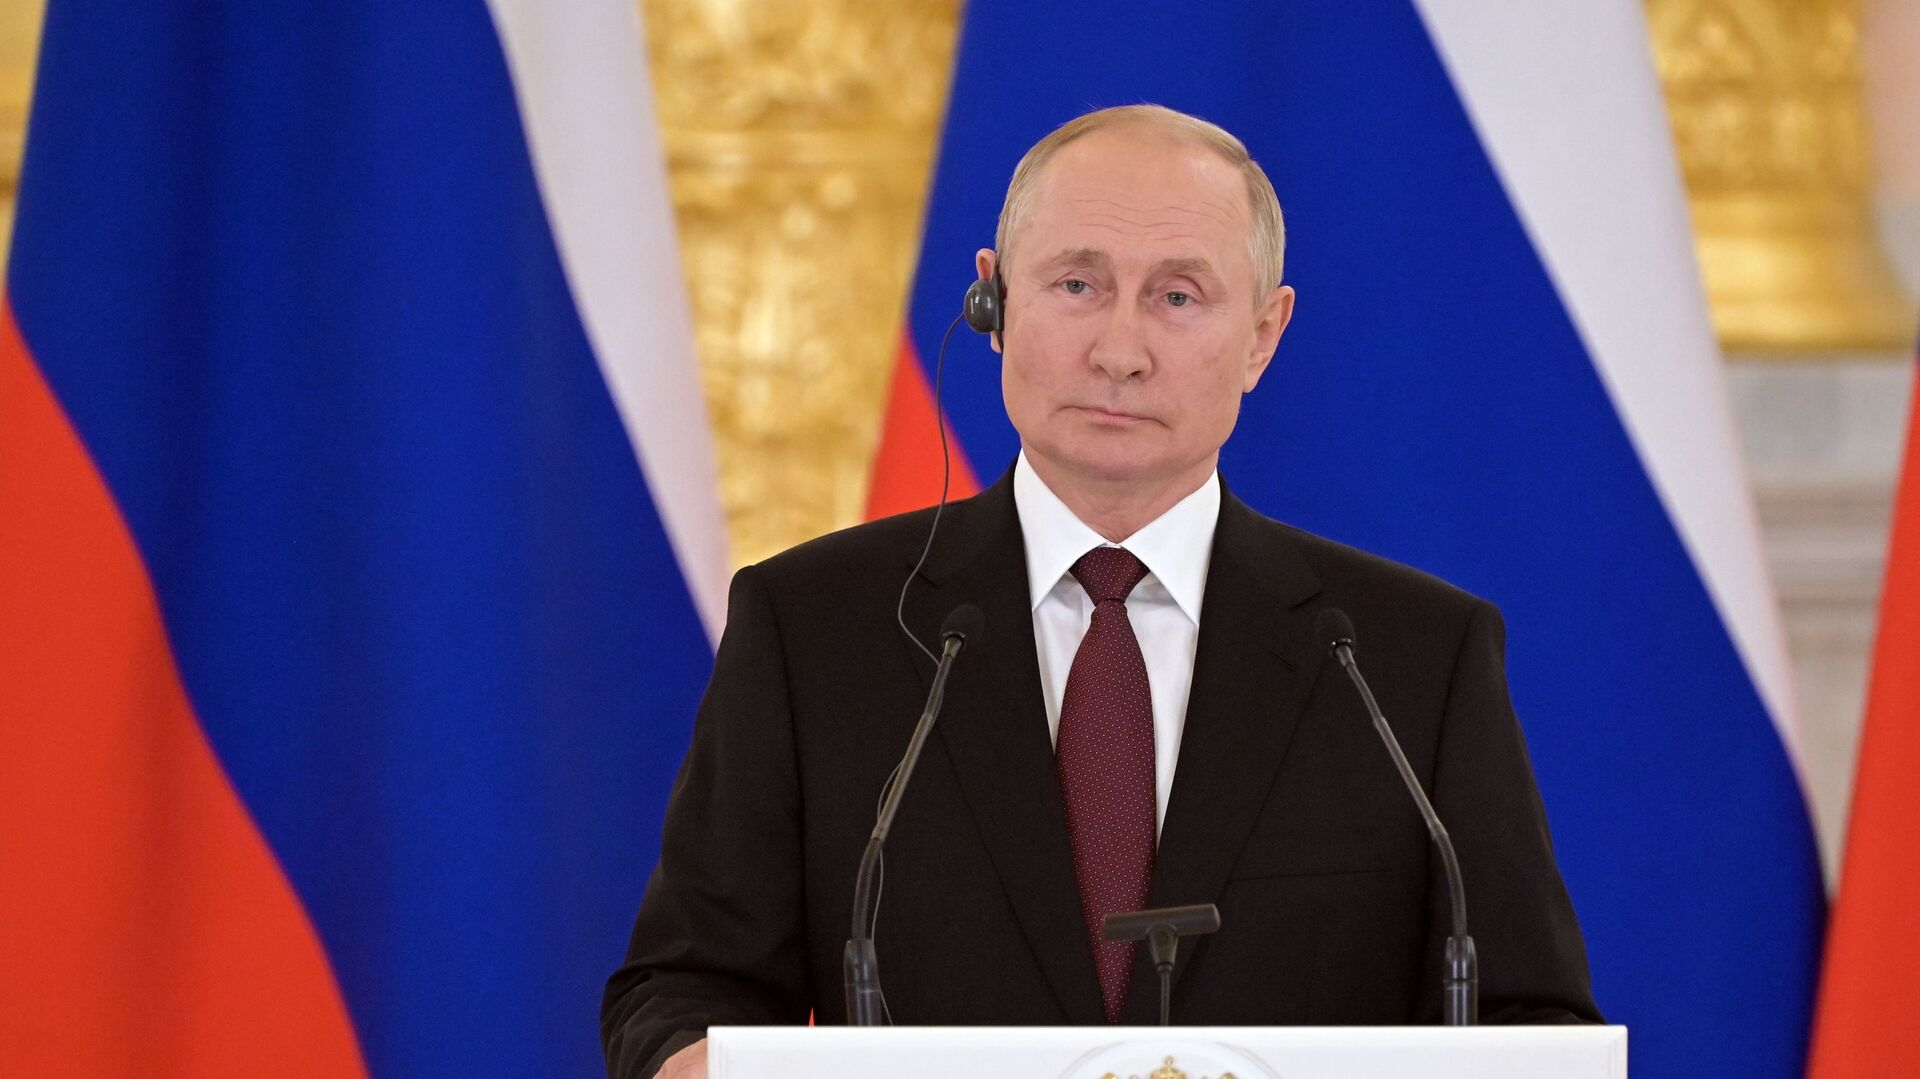 Tổng thống Nga Vladimir Putin trong cuộc họp báo sau cuộc hội đàm với Angela Merkel - Sputnik Việt Nam, 1920, 21.08.2021